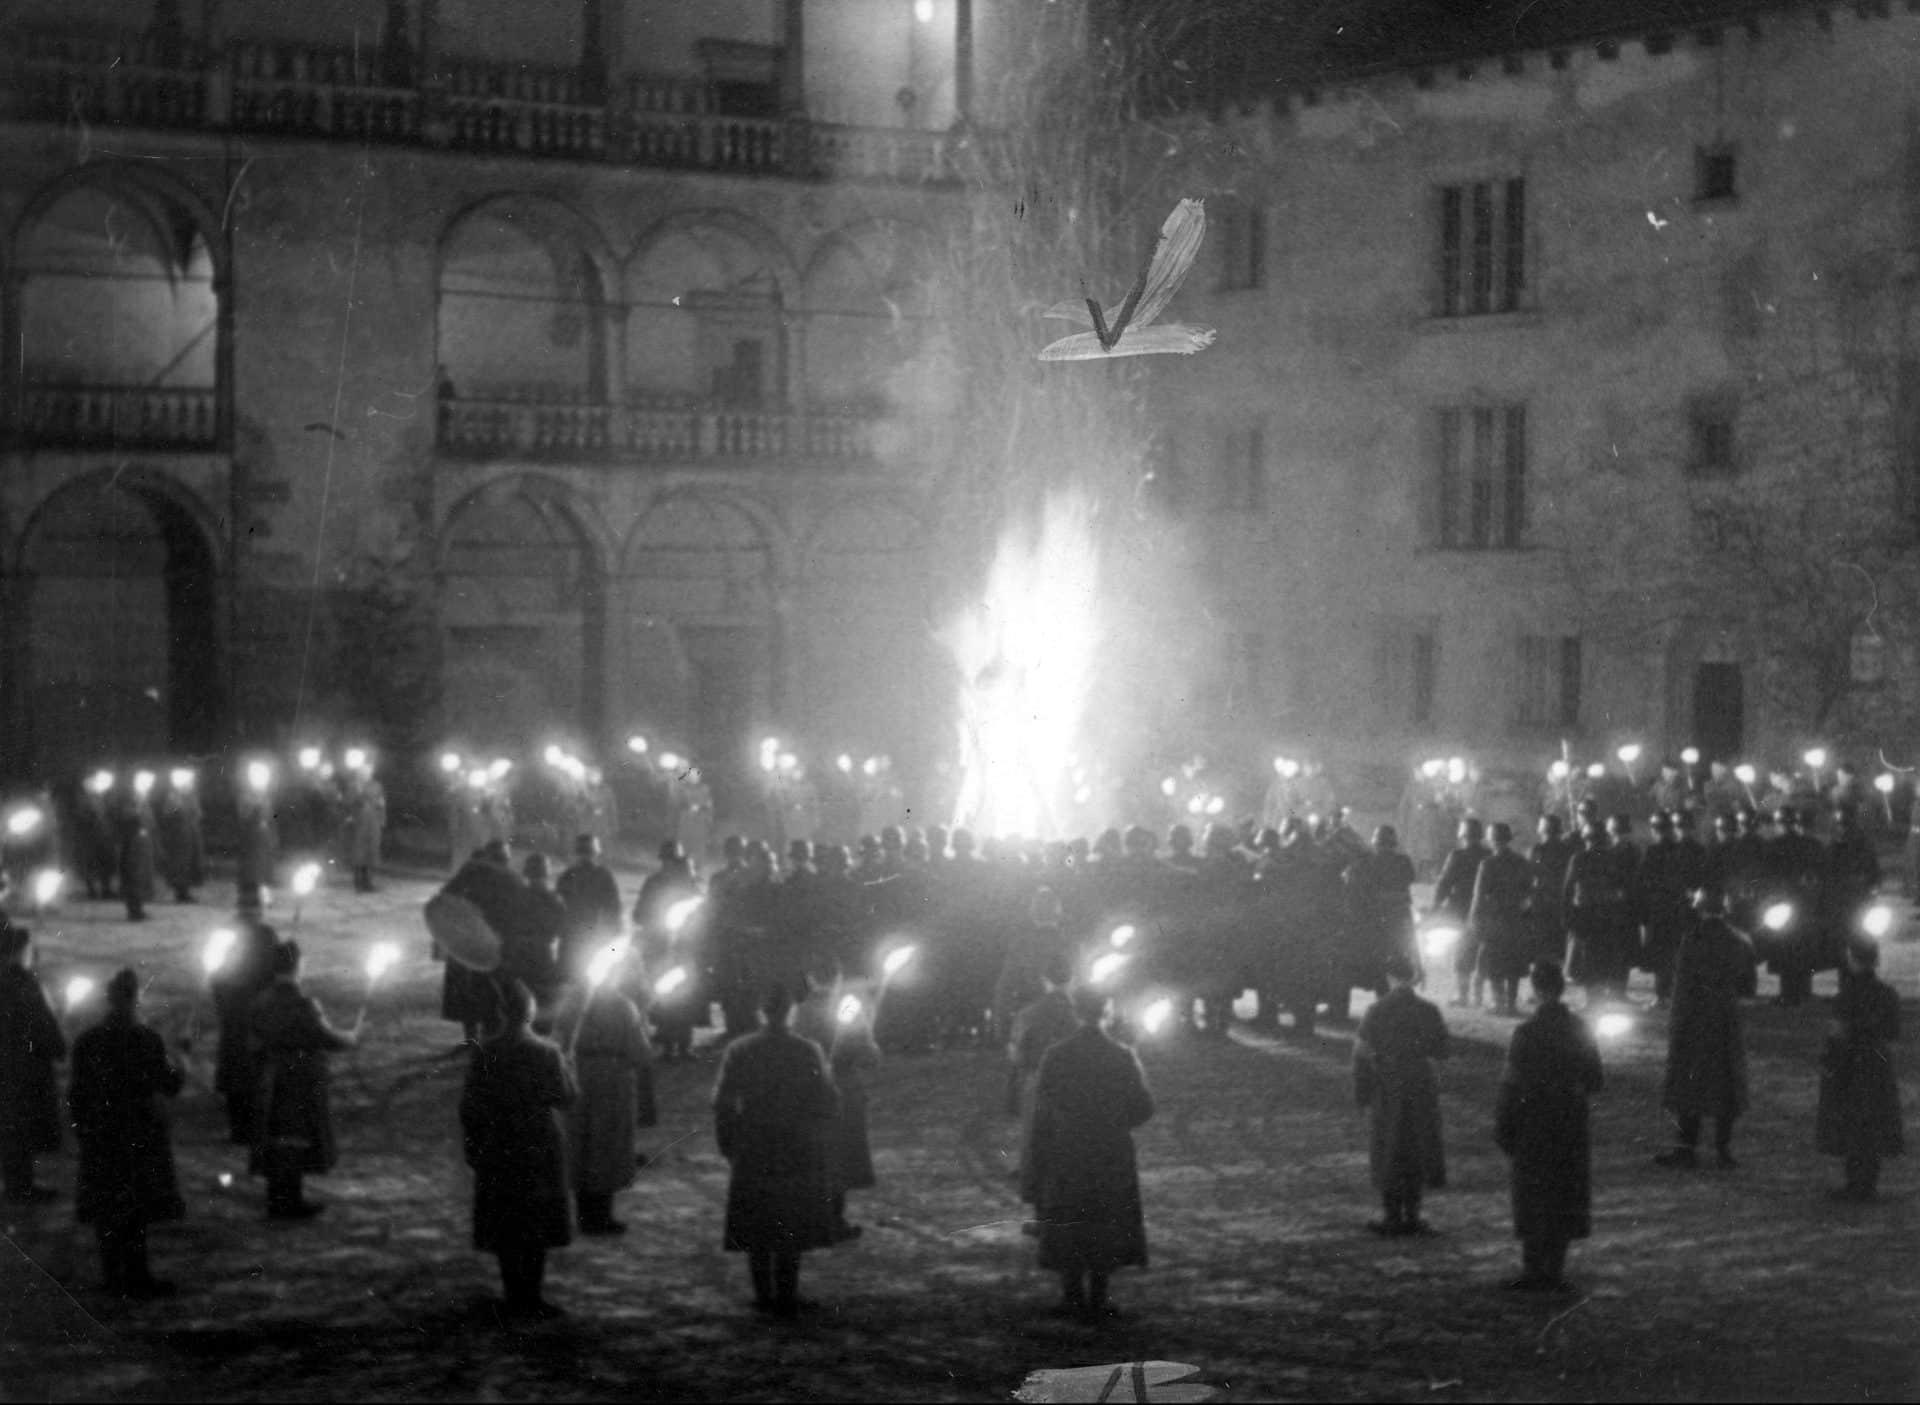 Obchodom święta przesilenia w grudniu 1939 roku towarzyszyło min. rozpalenie ogniska na zamkowym dziedzińcu. Źródło: Narodowe Archiwum Cyfrowe.